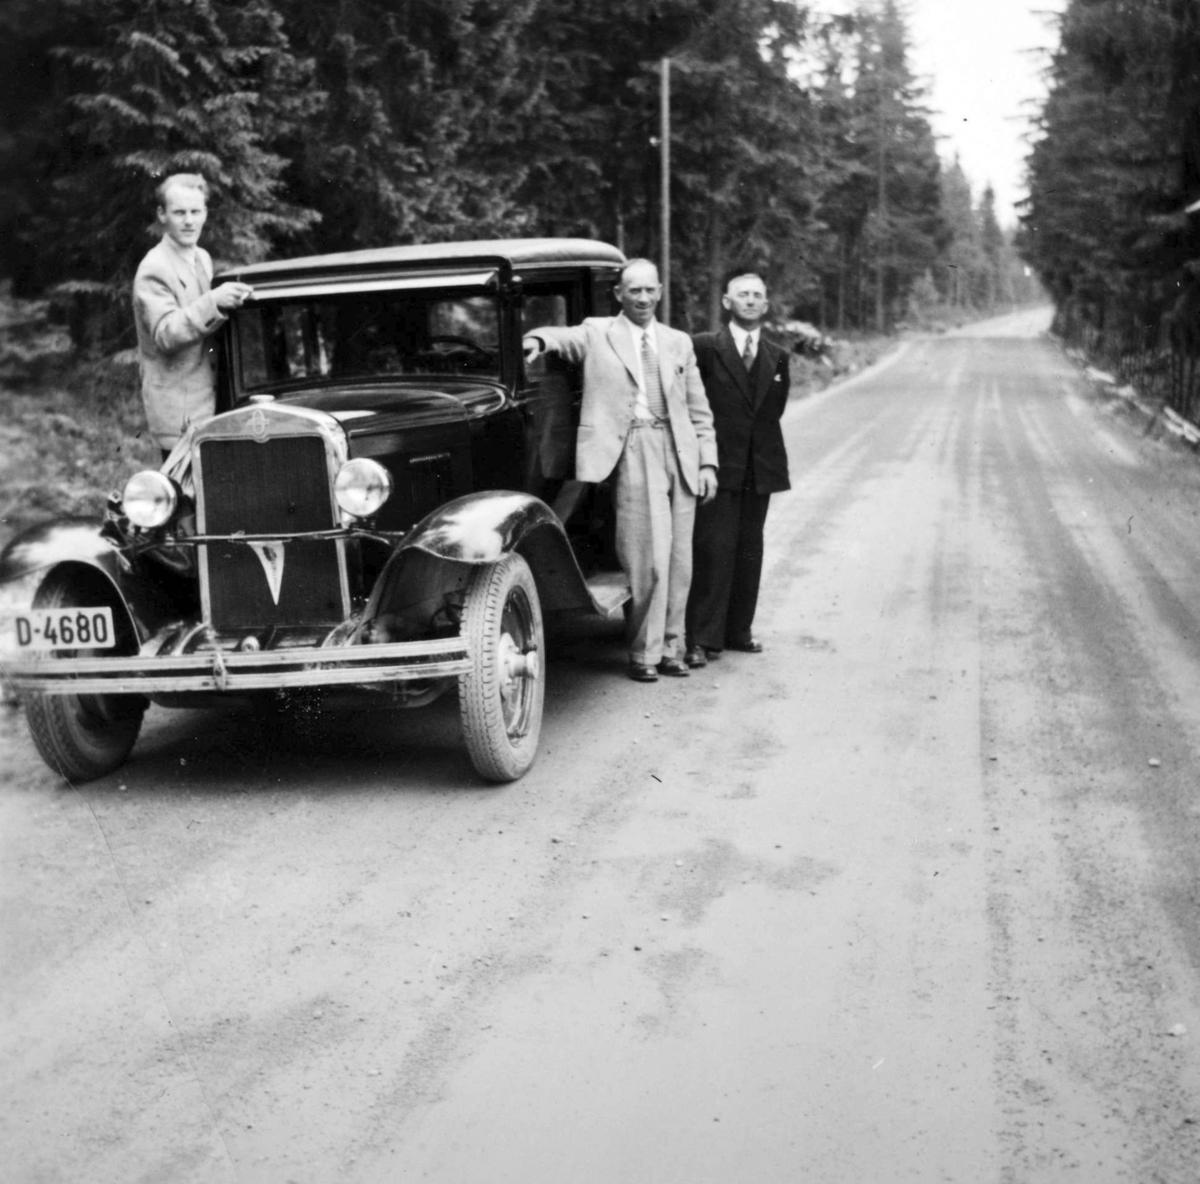 Chevrolet 1929-30, personbil D-4680, Sukkertur til Sverige. Fra v: Nils Høisveen, bileieren Arnt Dalseng og Olaf Mæland.